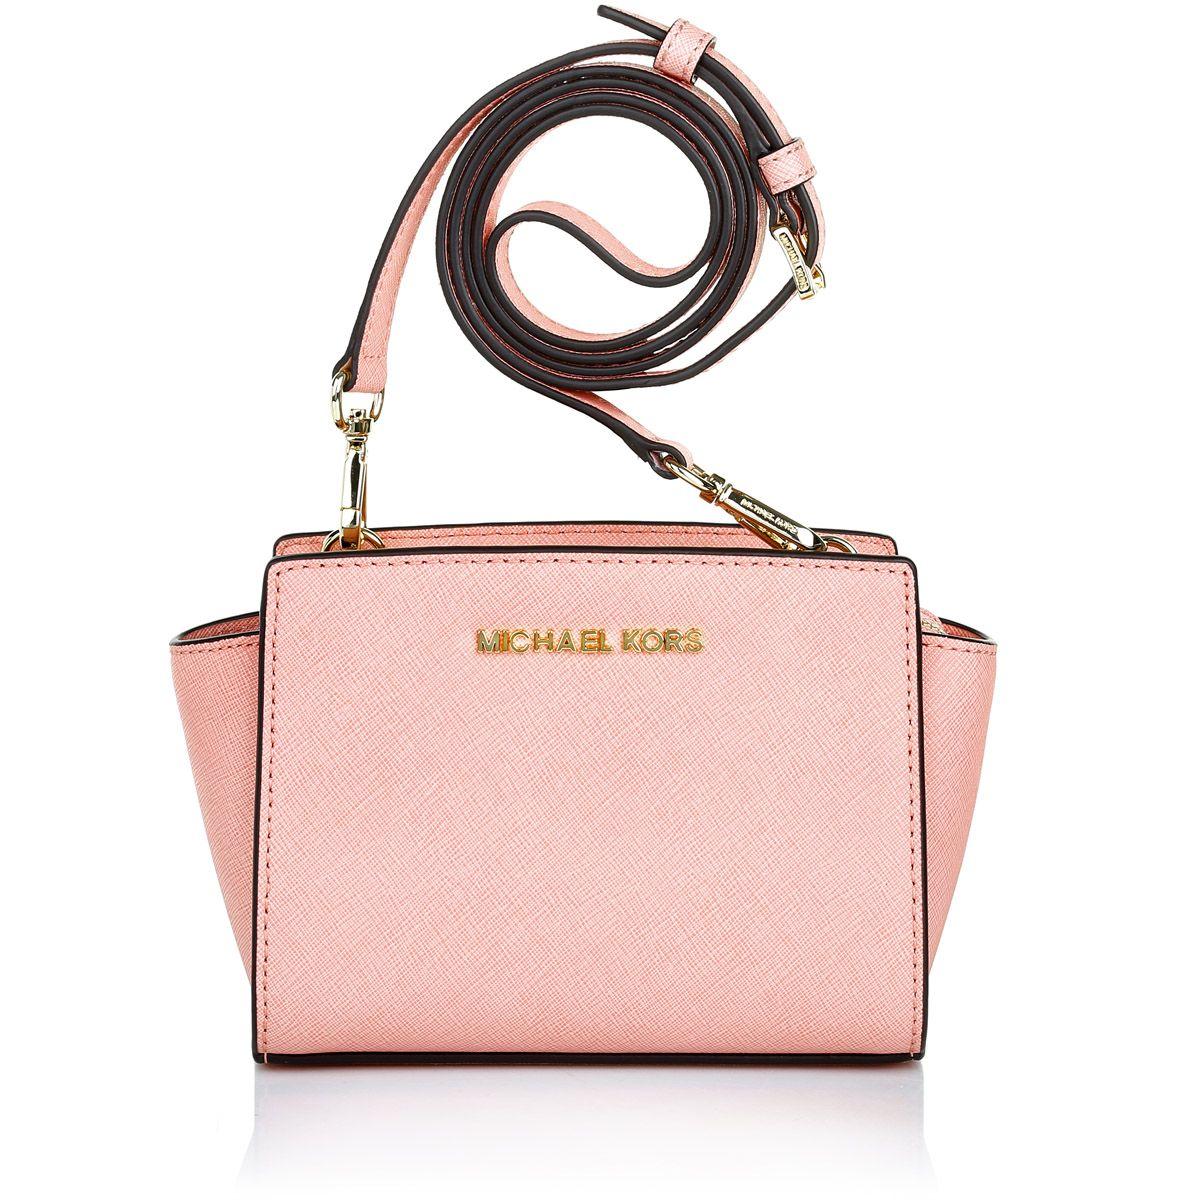 SpringSummer Colour: perfect in pink! Michael Kors Selma